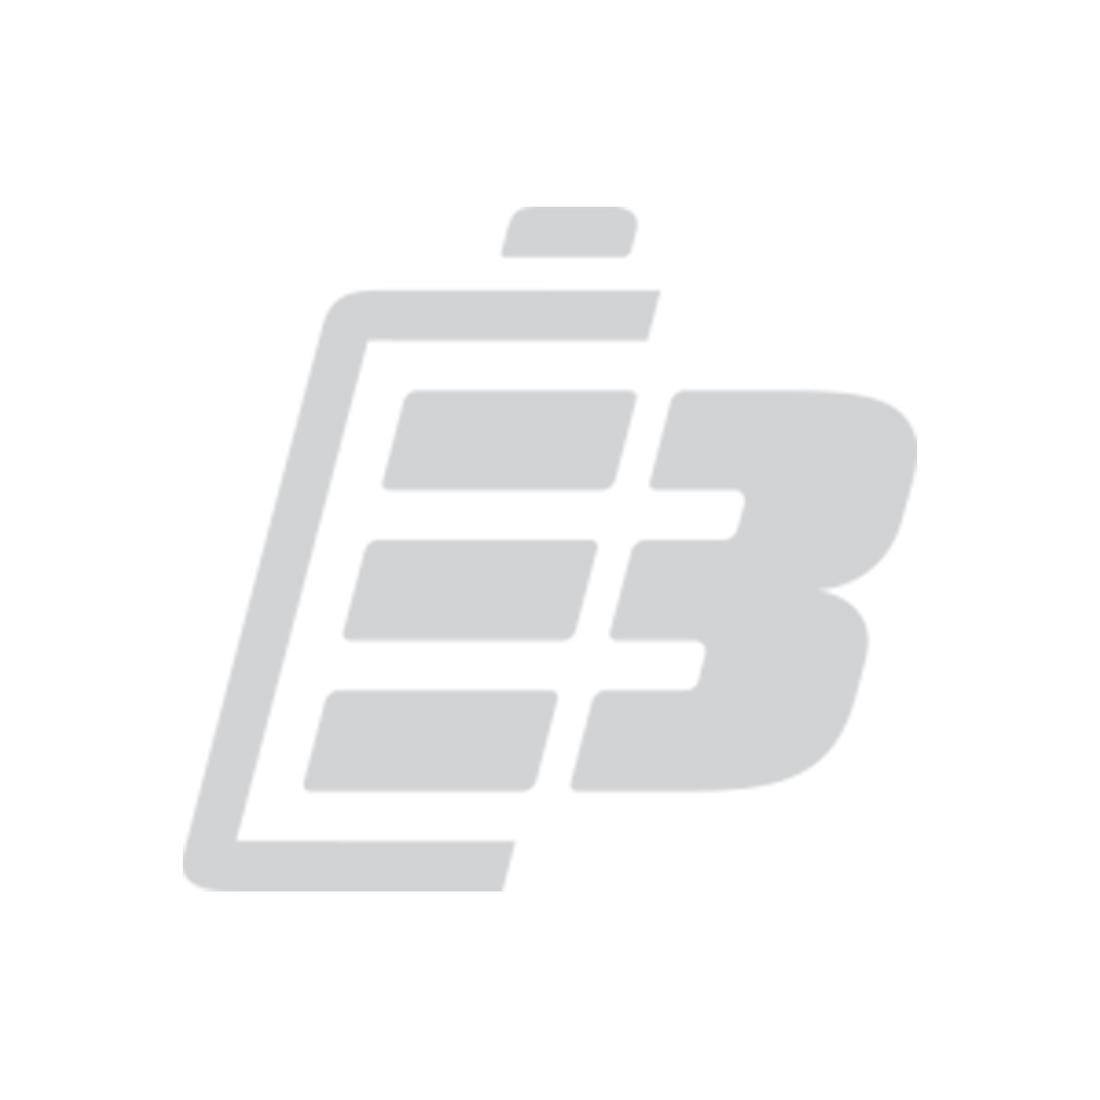 CSB Lead Acid Battery UPS12460 12V 8.5Ah